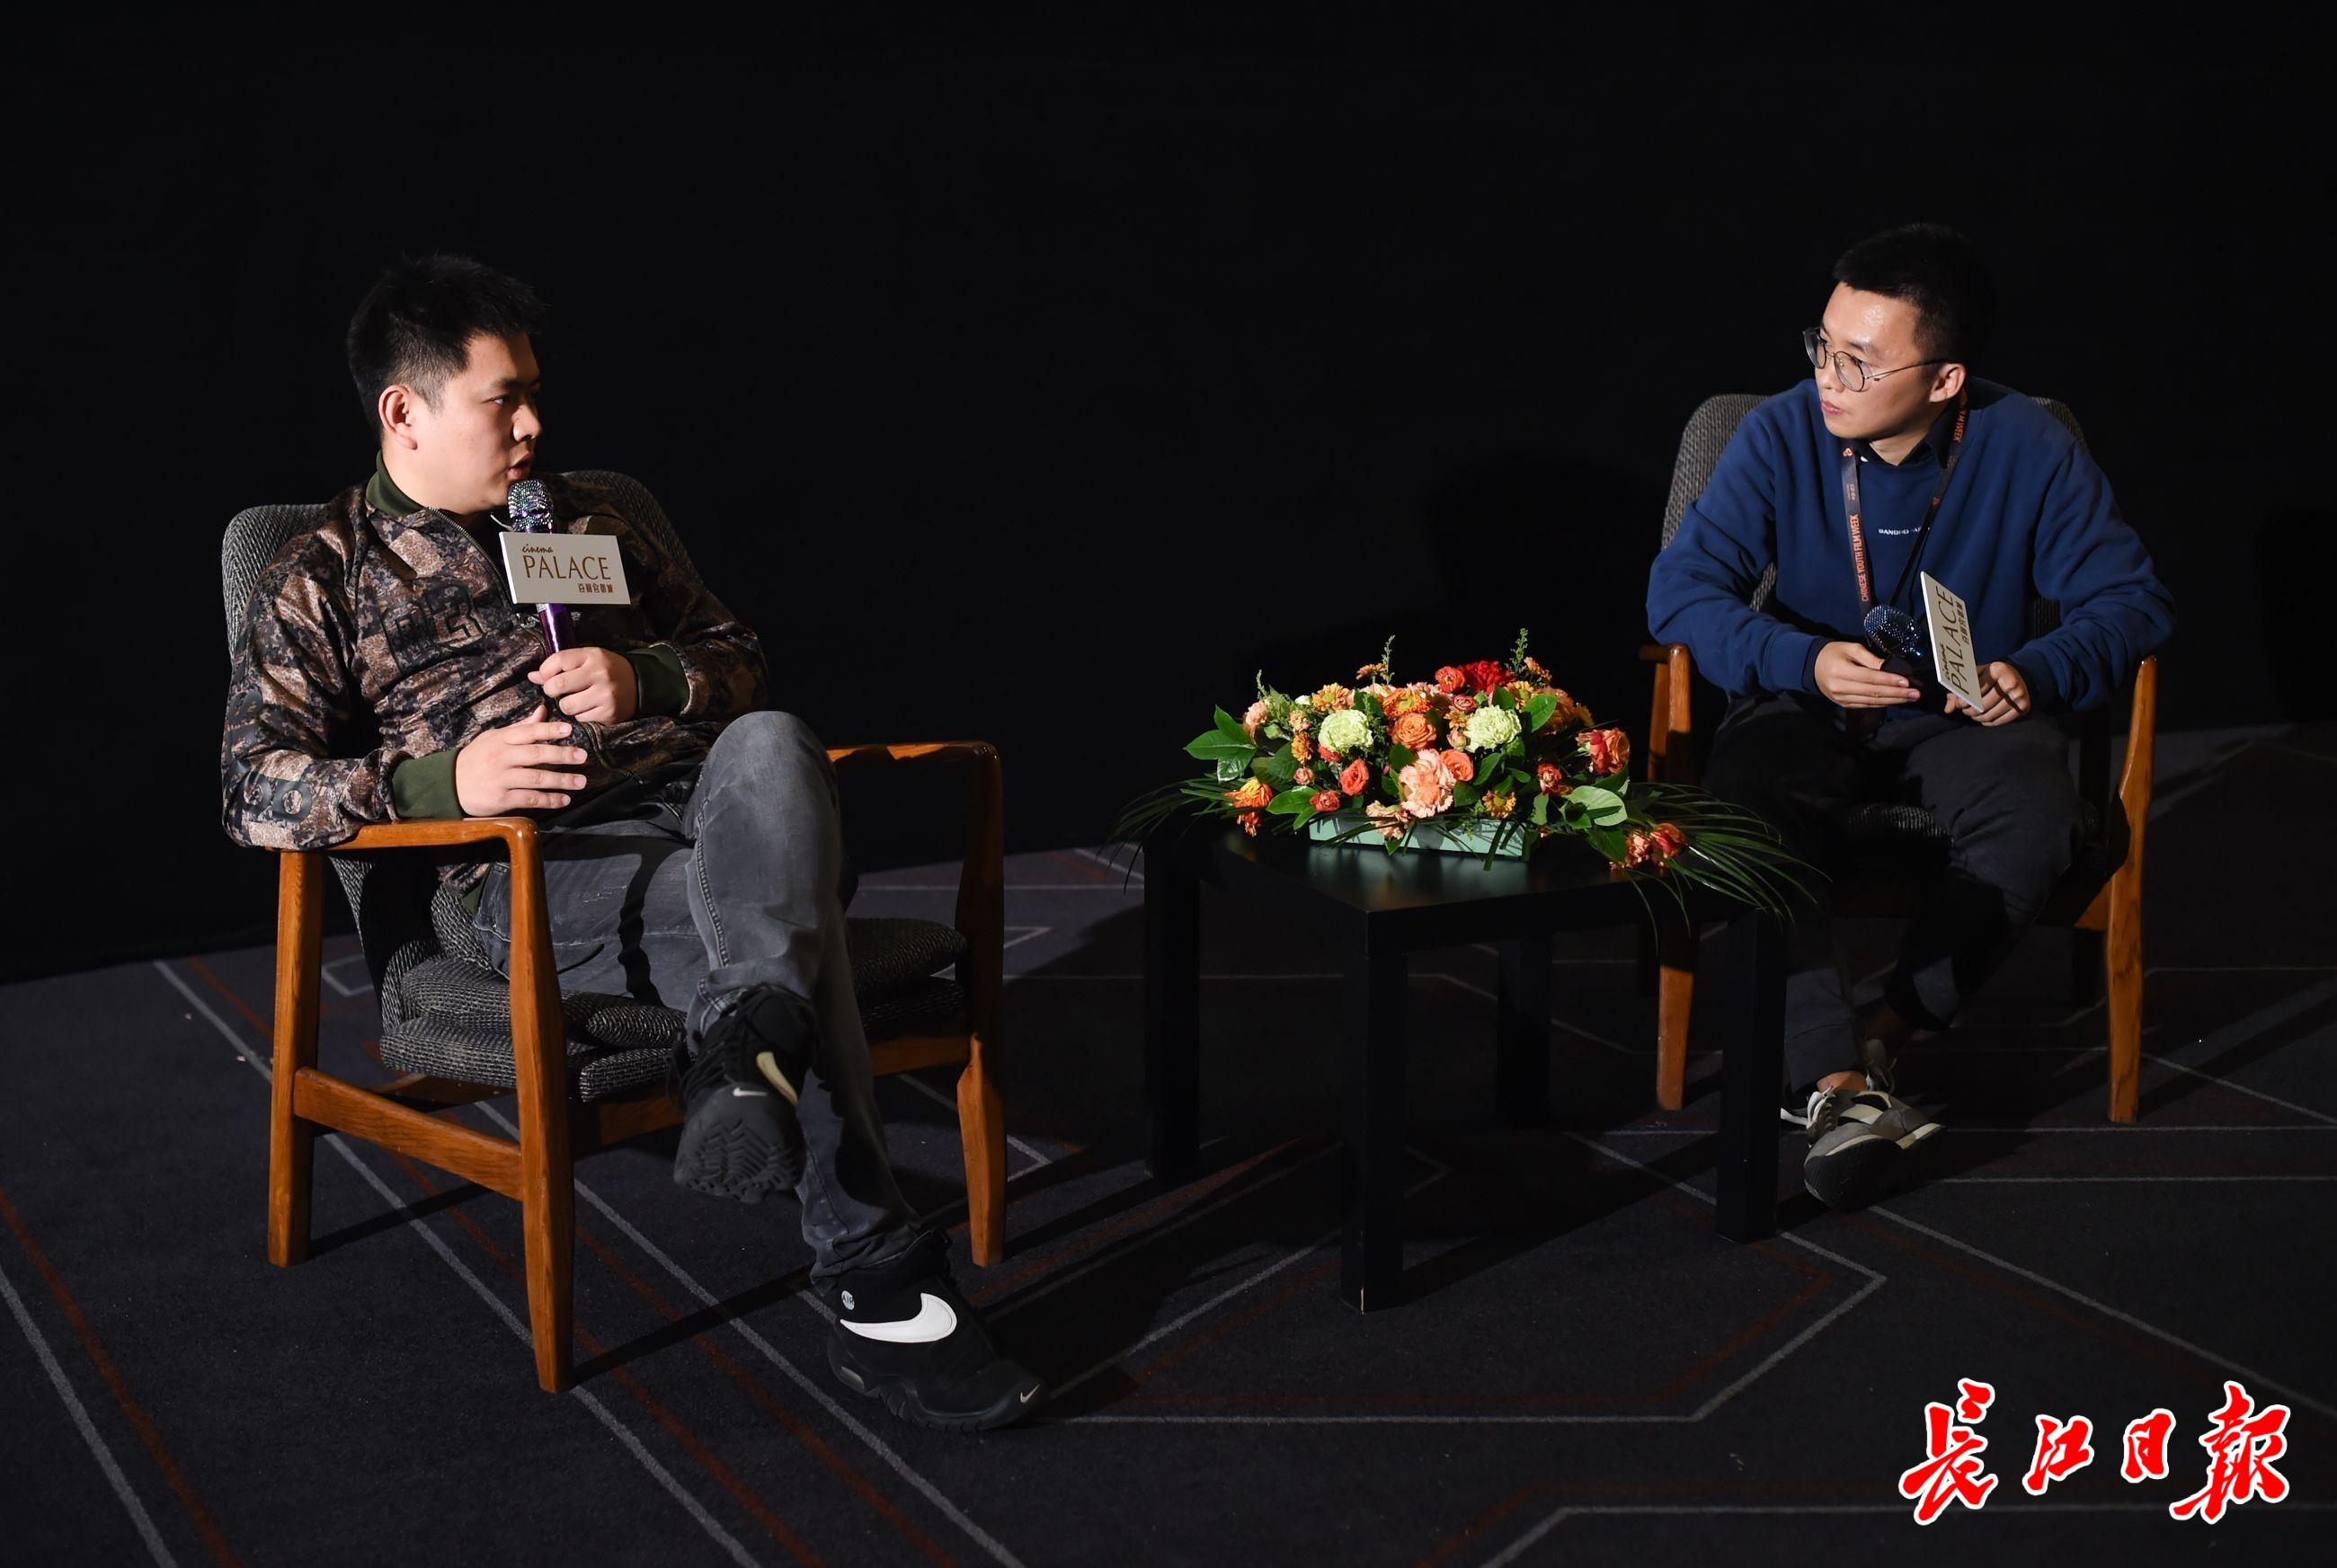 青年导演感叹短片质量高,有机会也来武汉拍片